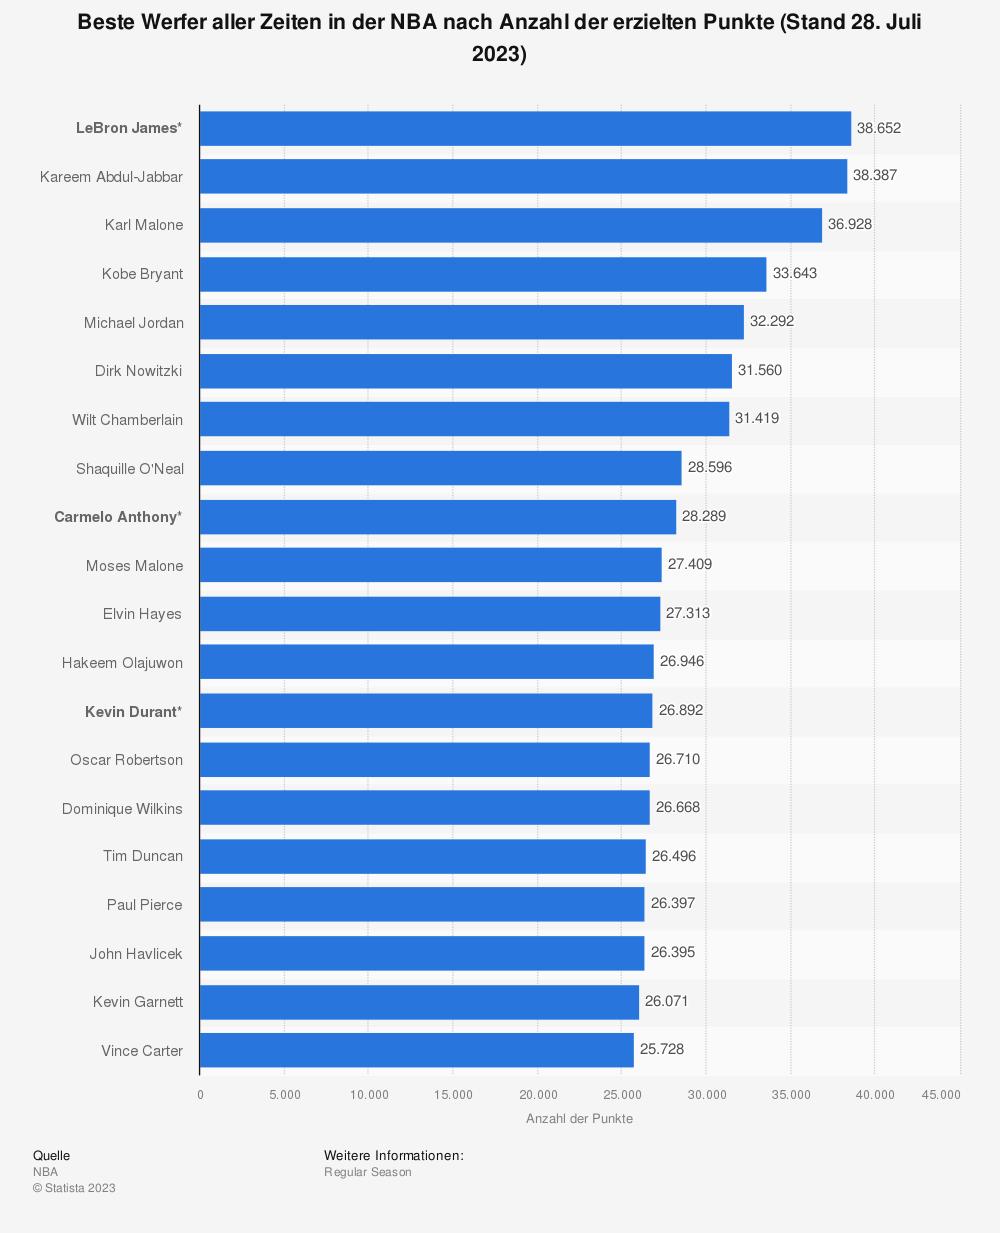 Statistik: Beste Werfer aller Zeiten in der NBA nach Anzahl der erzielten Punkte (Stand 11. April 2019) | Statista